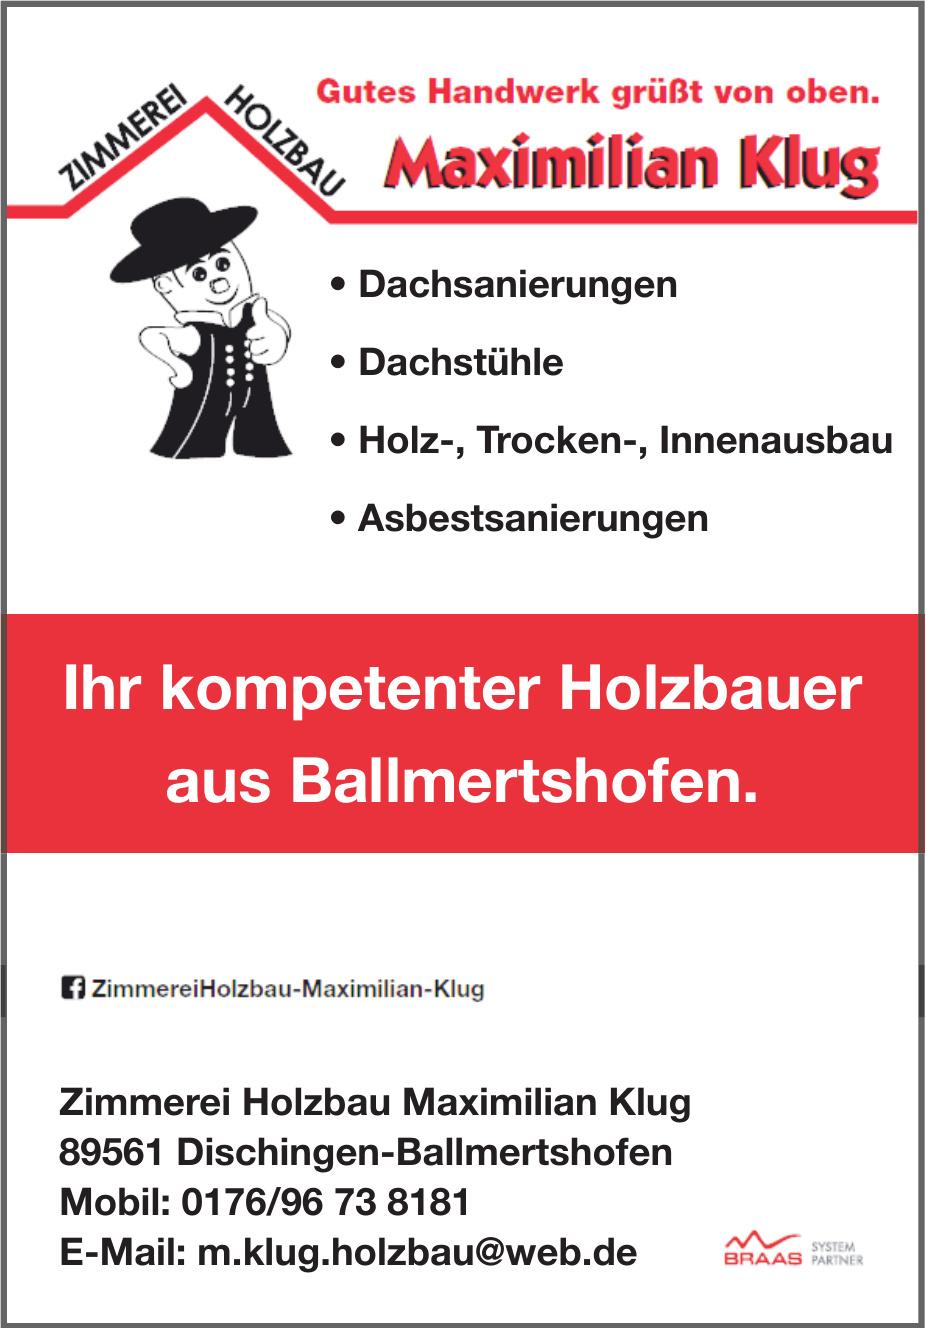 Zimmerei Holzbau Maximilian Klug